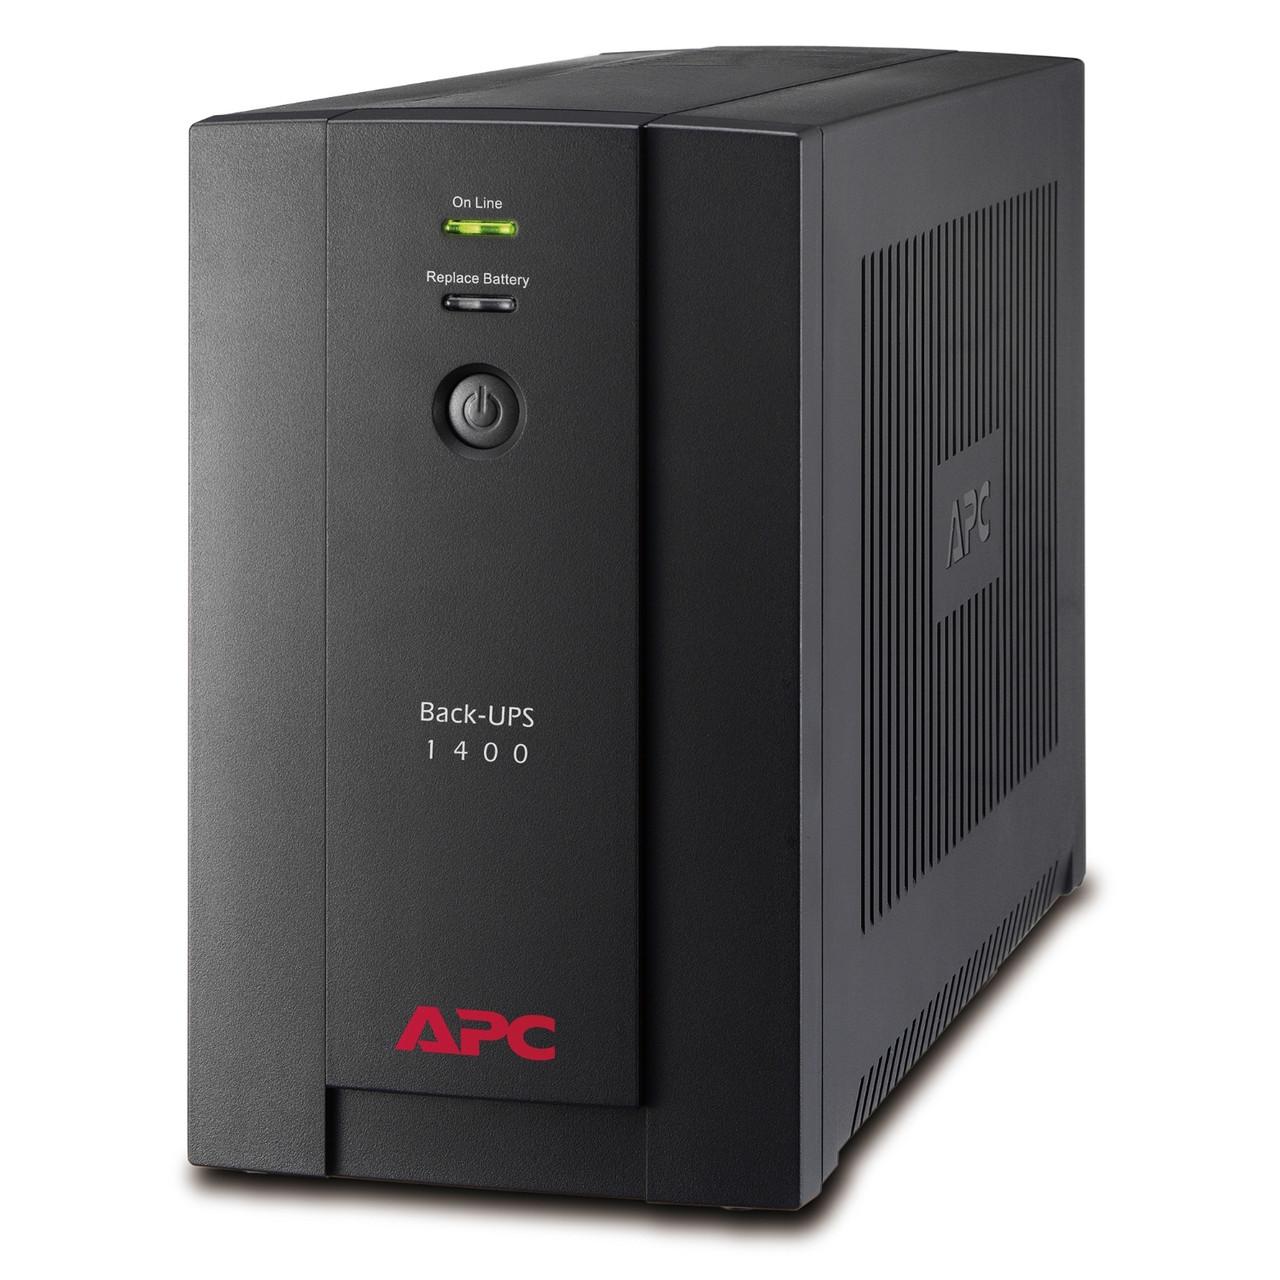 APC BX1400UI ИБП Back-UPS 1400 ВА, 700Ватт,  230 В, авторегулировка напряжения, разъемы IEC